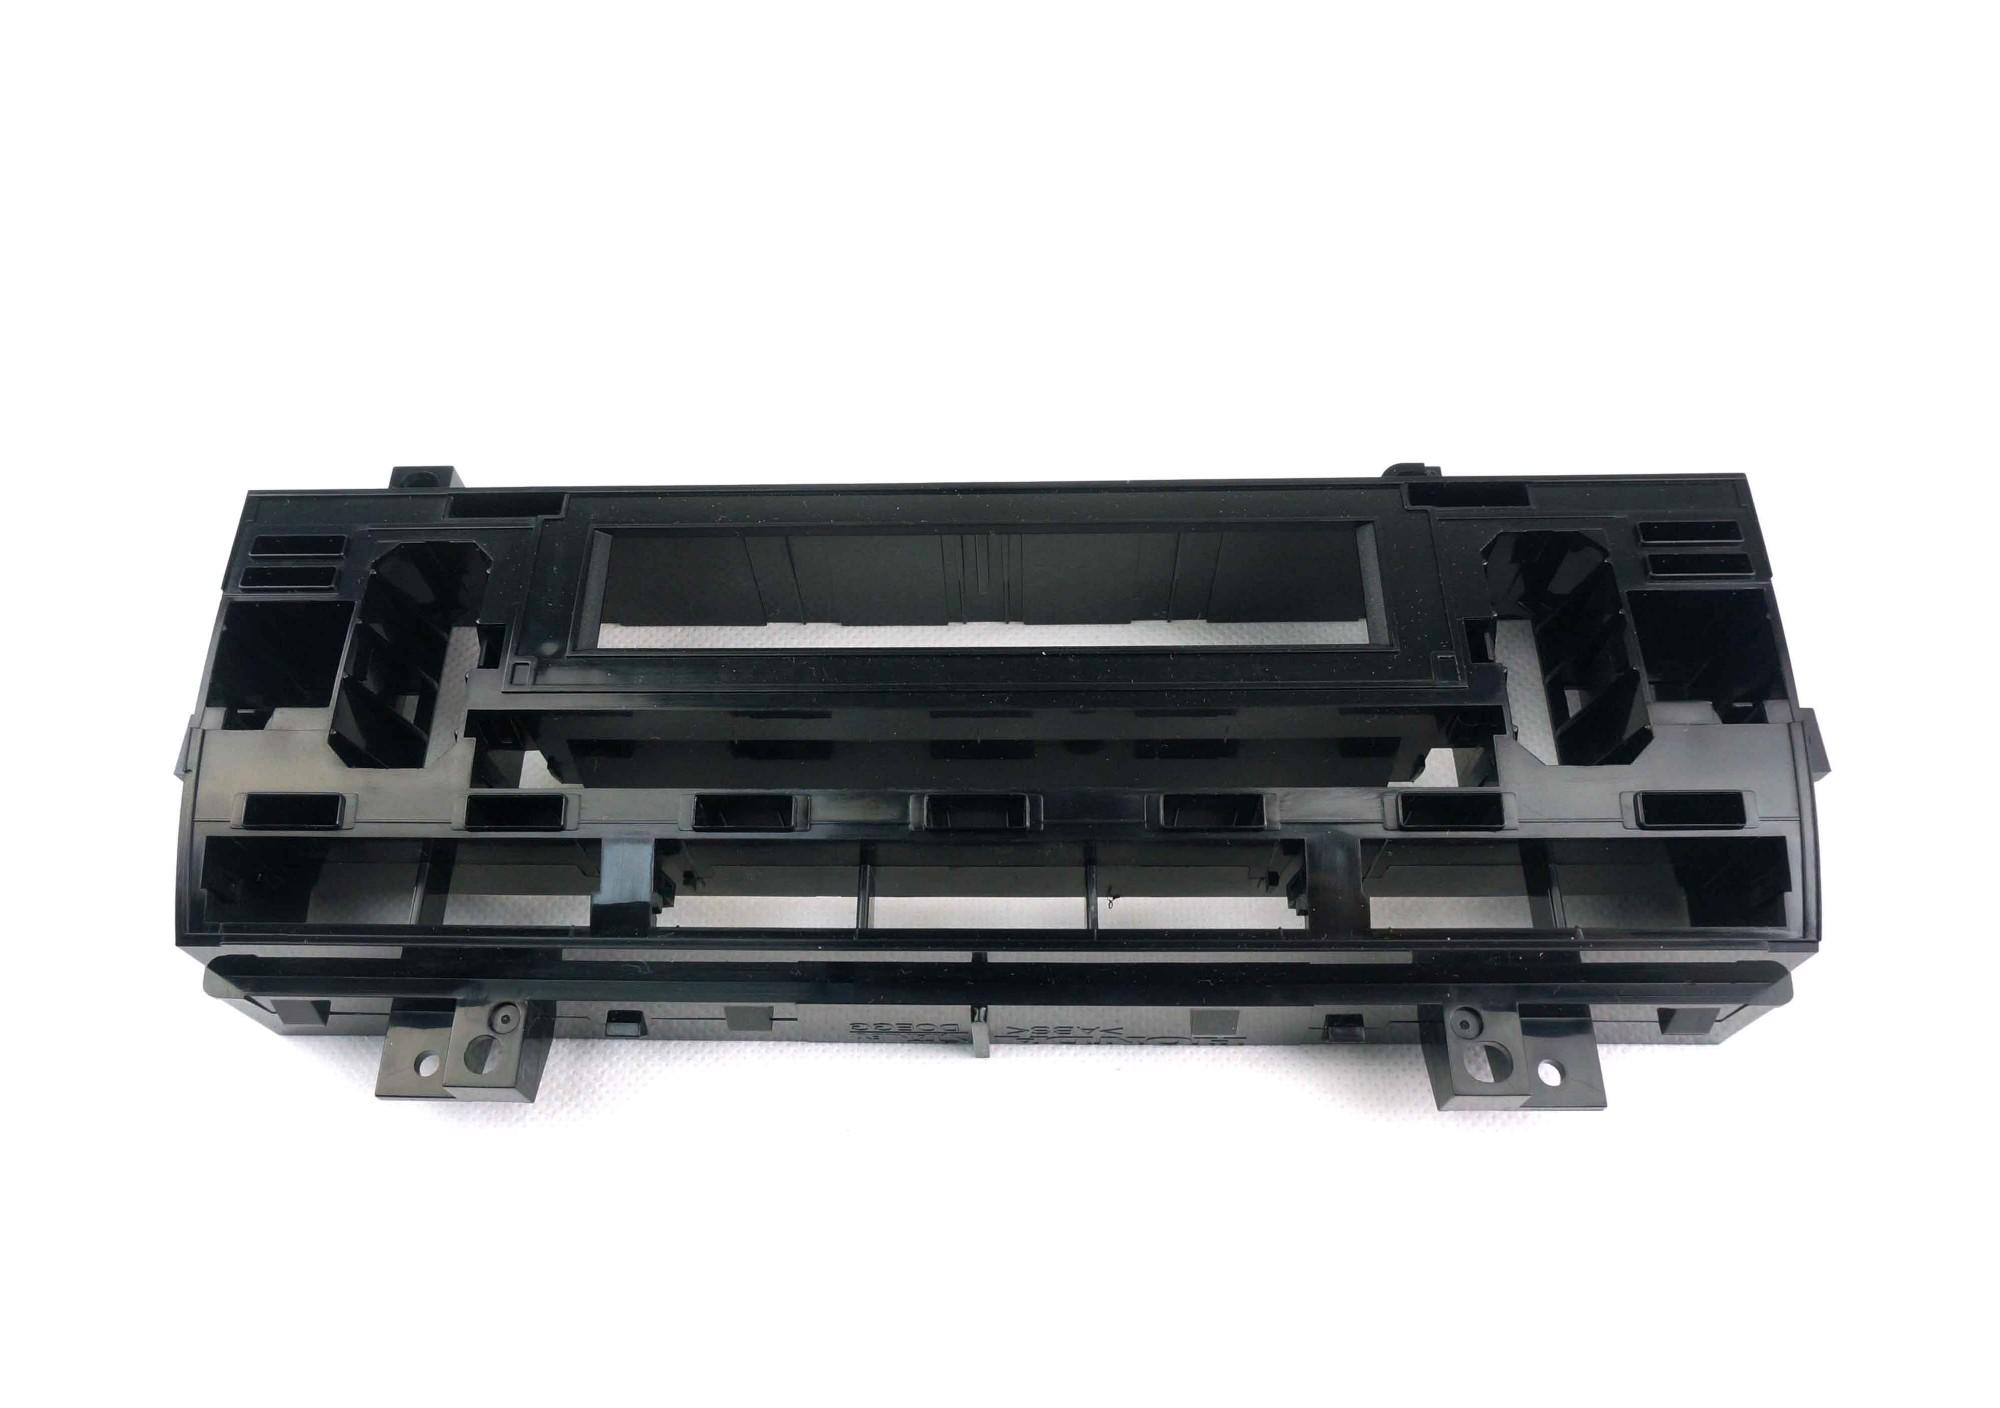 Automative Plastics Parts Manufacturer Manufacturers, Automative Plastics Parts Manufacturer Factory, Supply Automative Plastics Parts Manufacturer